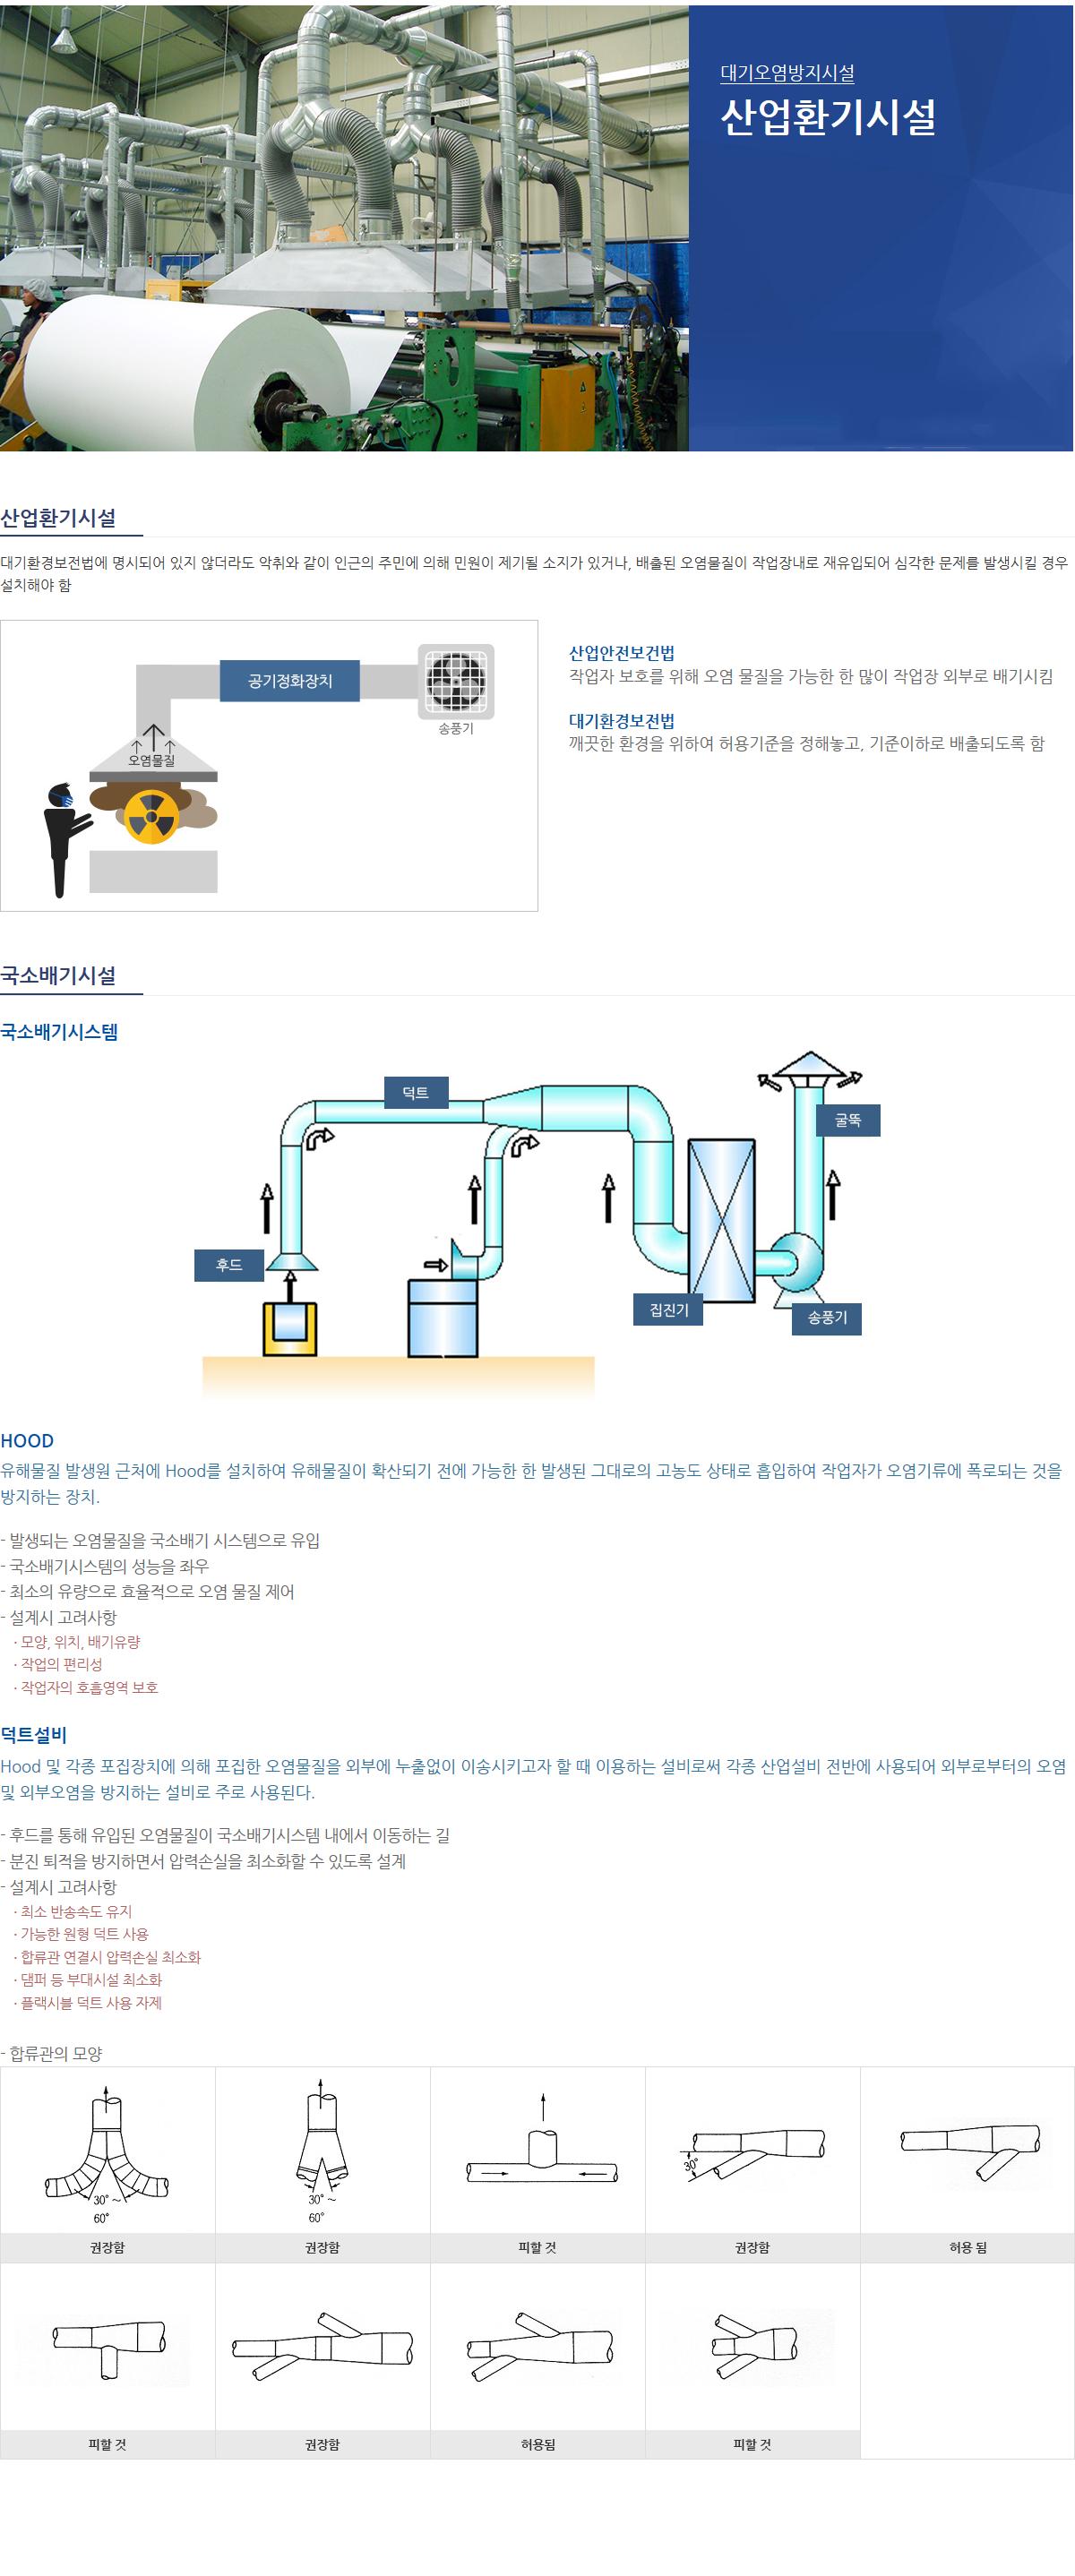 (주)신성플랜트 산업환기시설